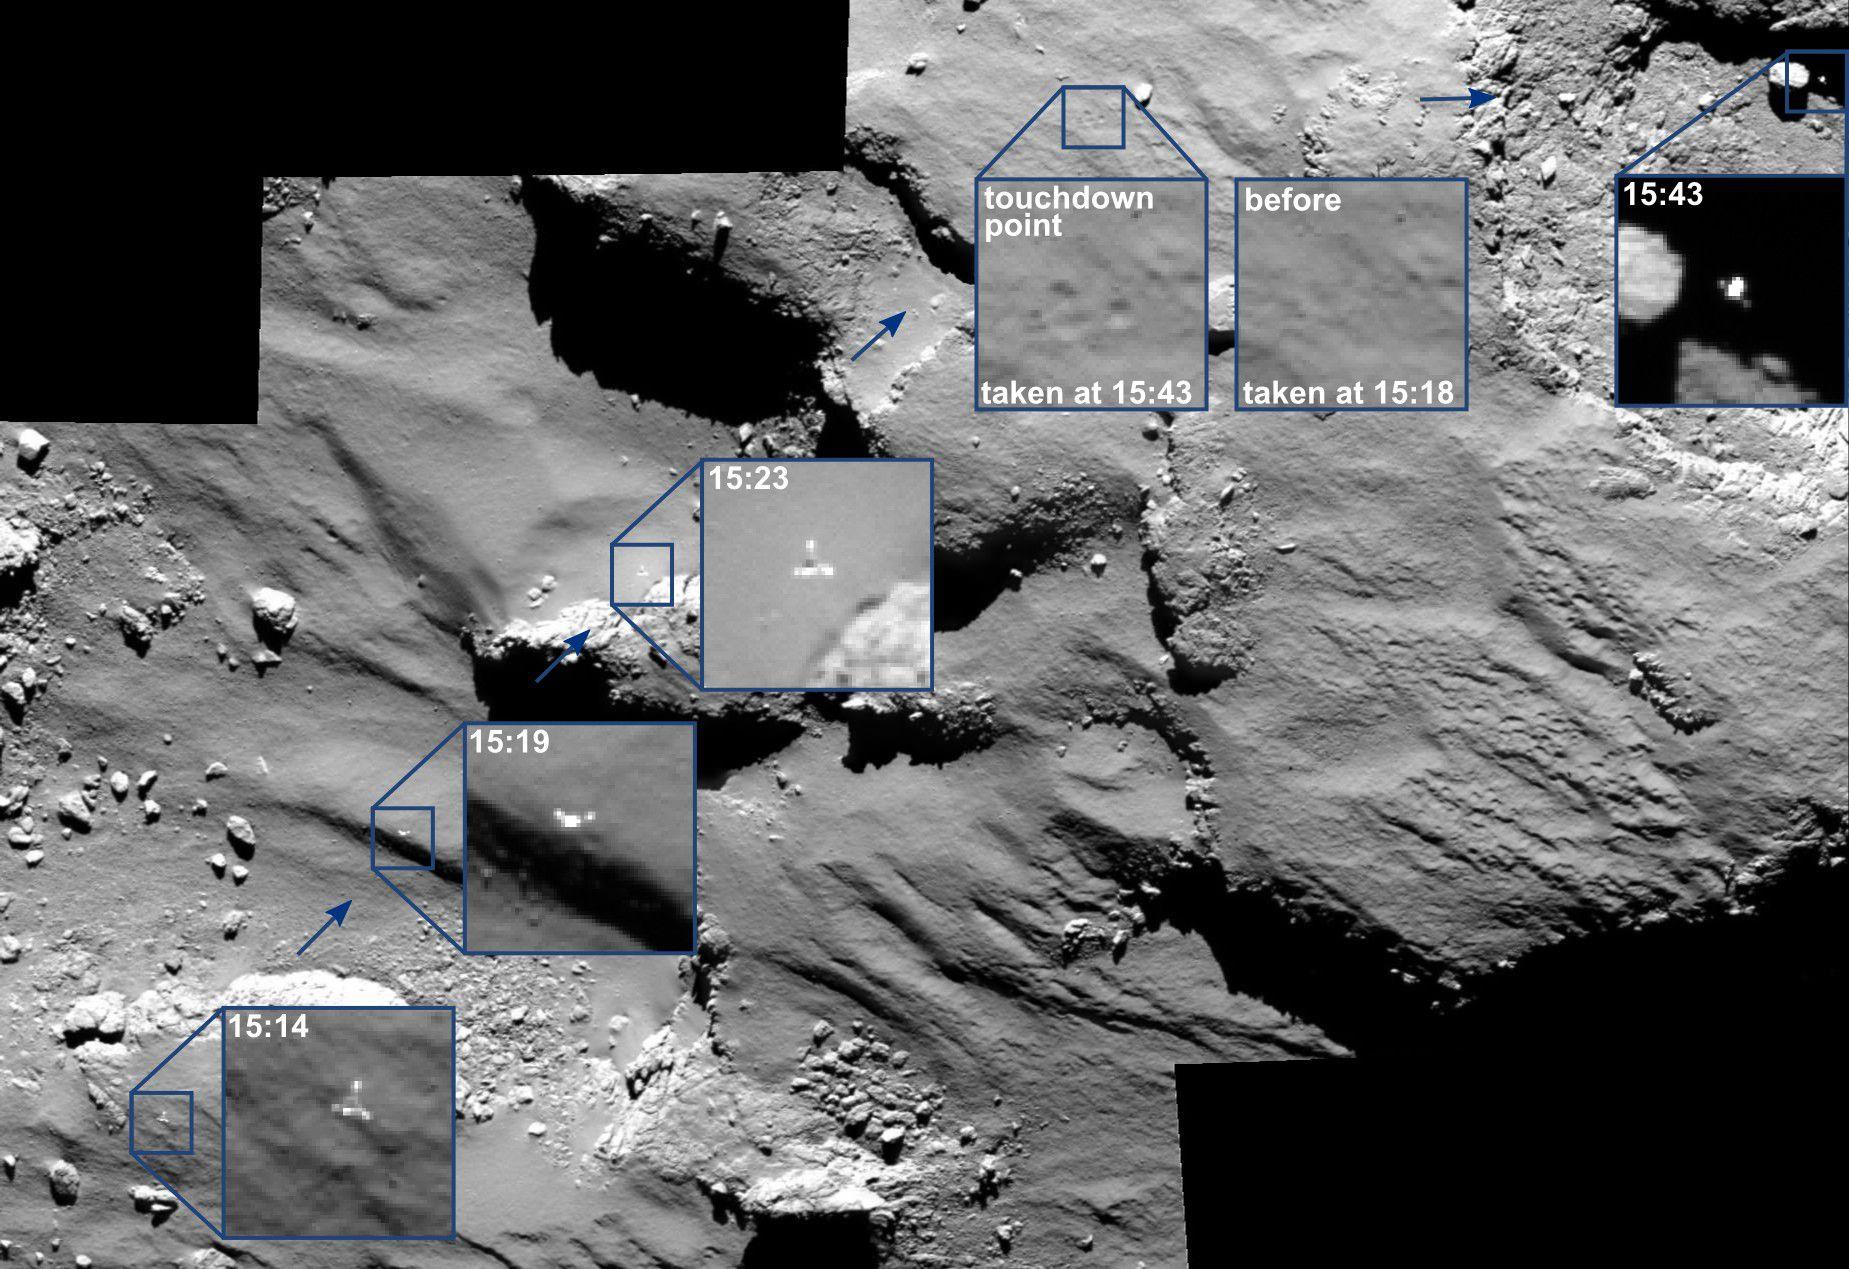 Камера OSIRIS помогла установить траекторию спуска модуля Филы